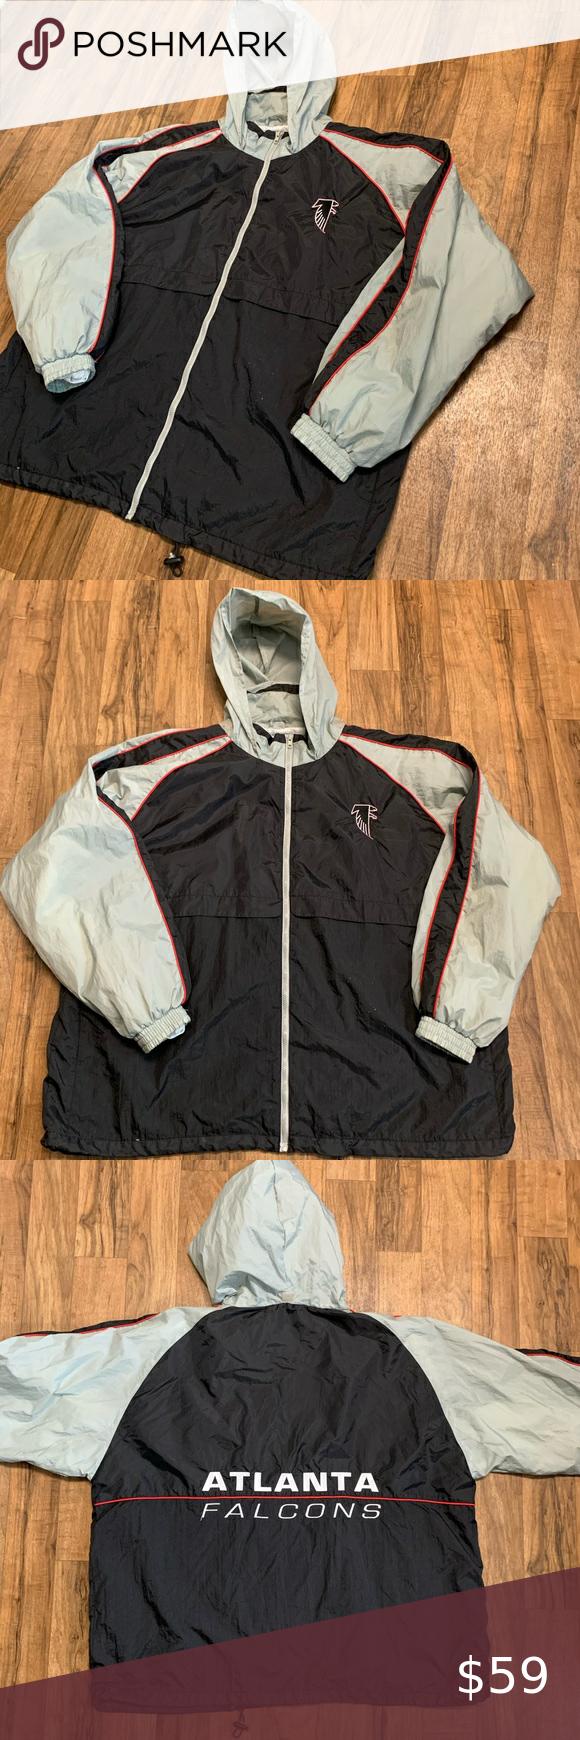 Logo Athletic Vintage Atlanta Falcons Jacket Xxl Football Jackets Jackets Quarter Zip Jacket [ 1740 x 580 Pixel ]